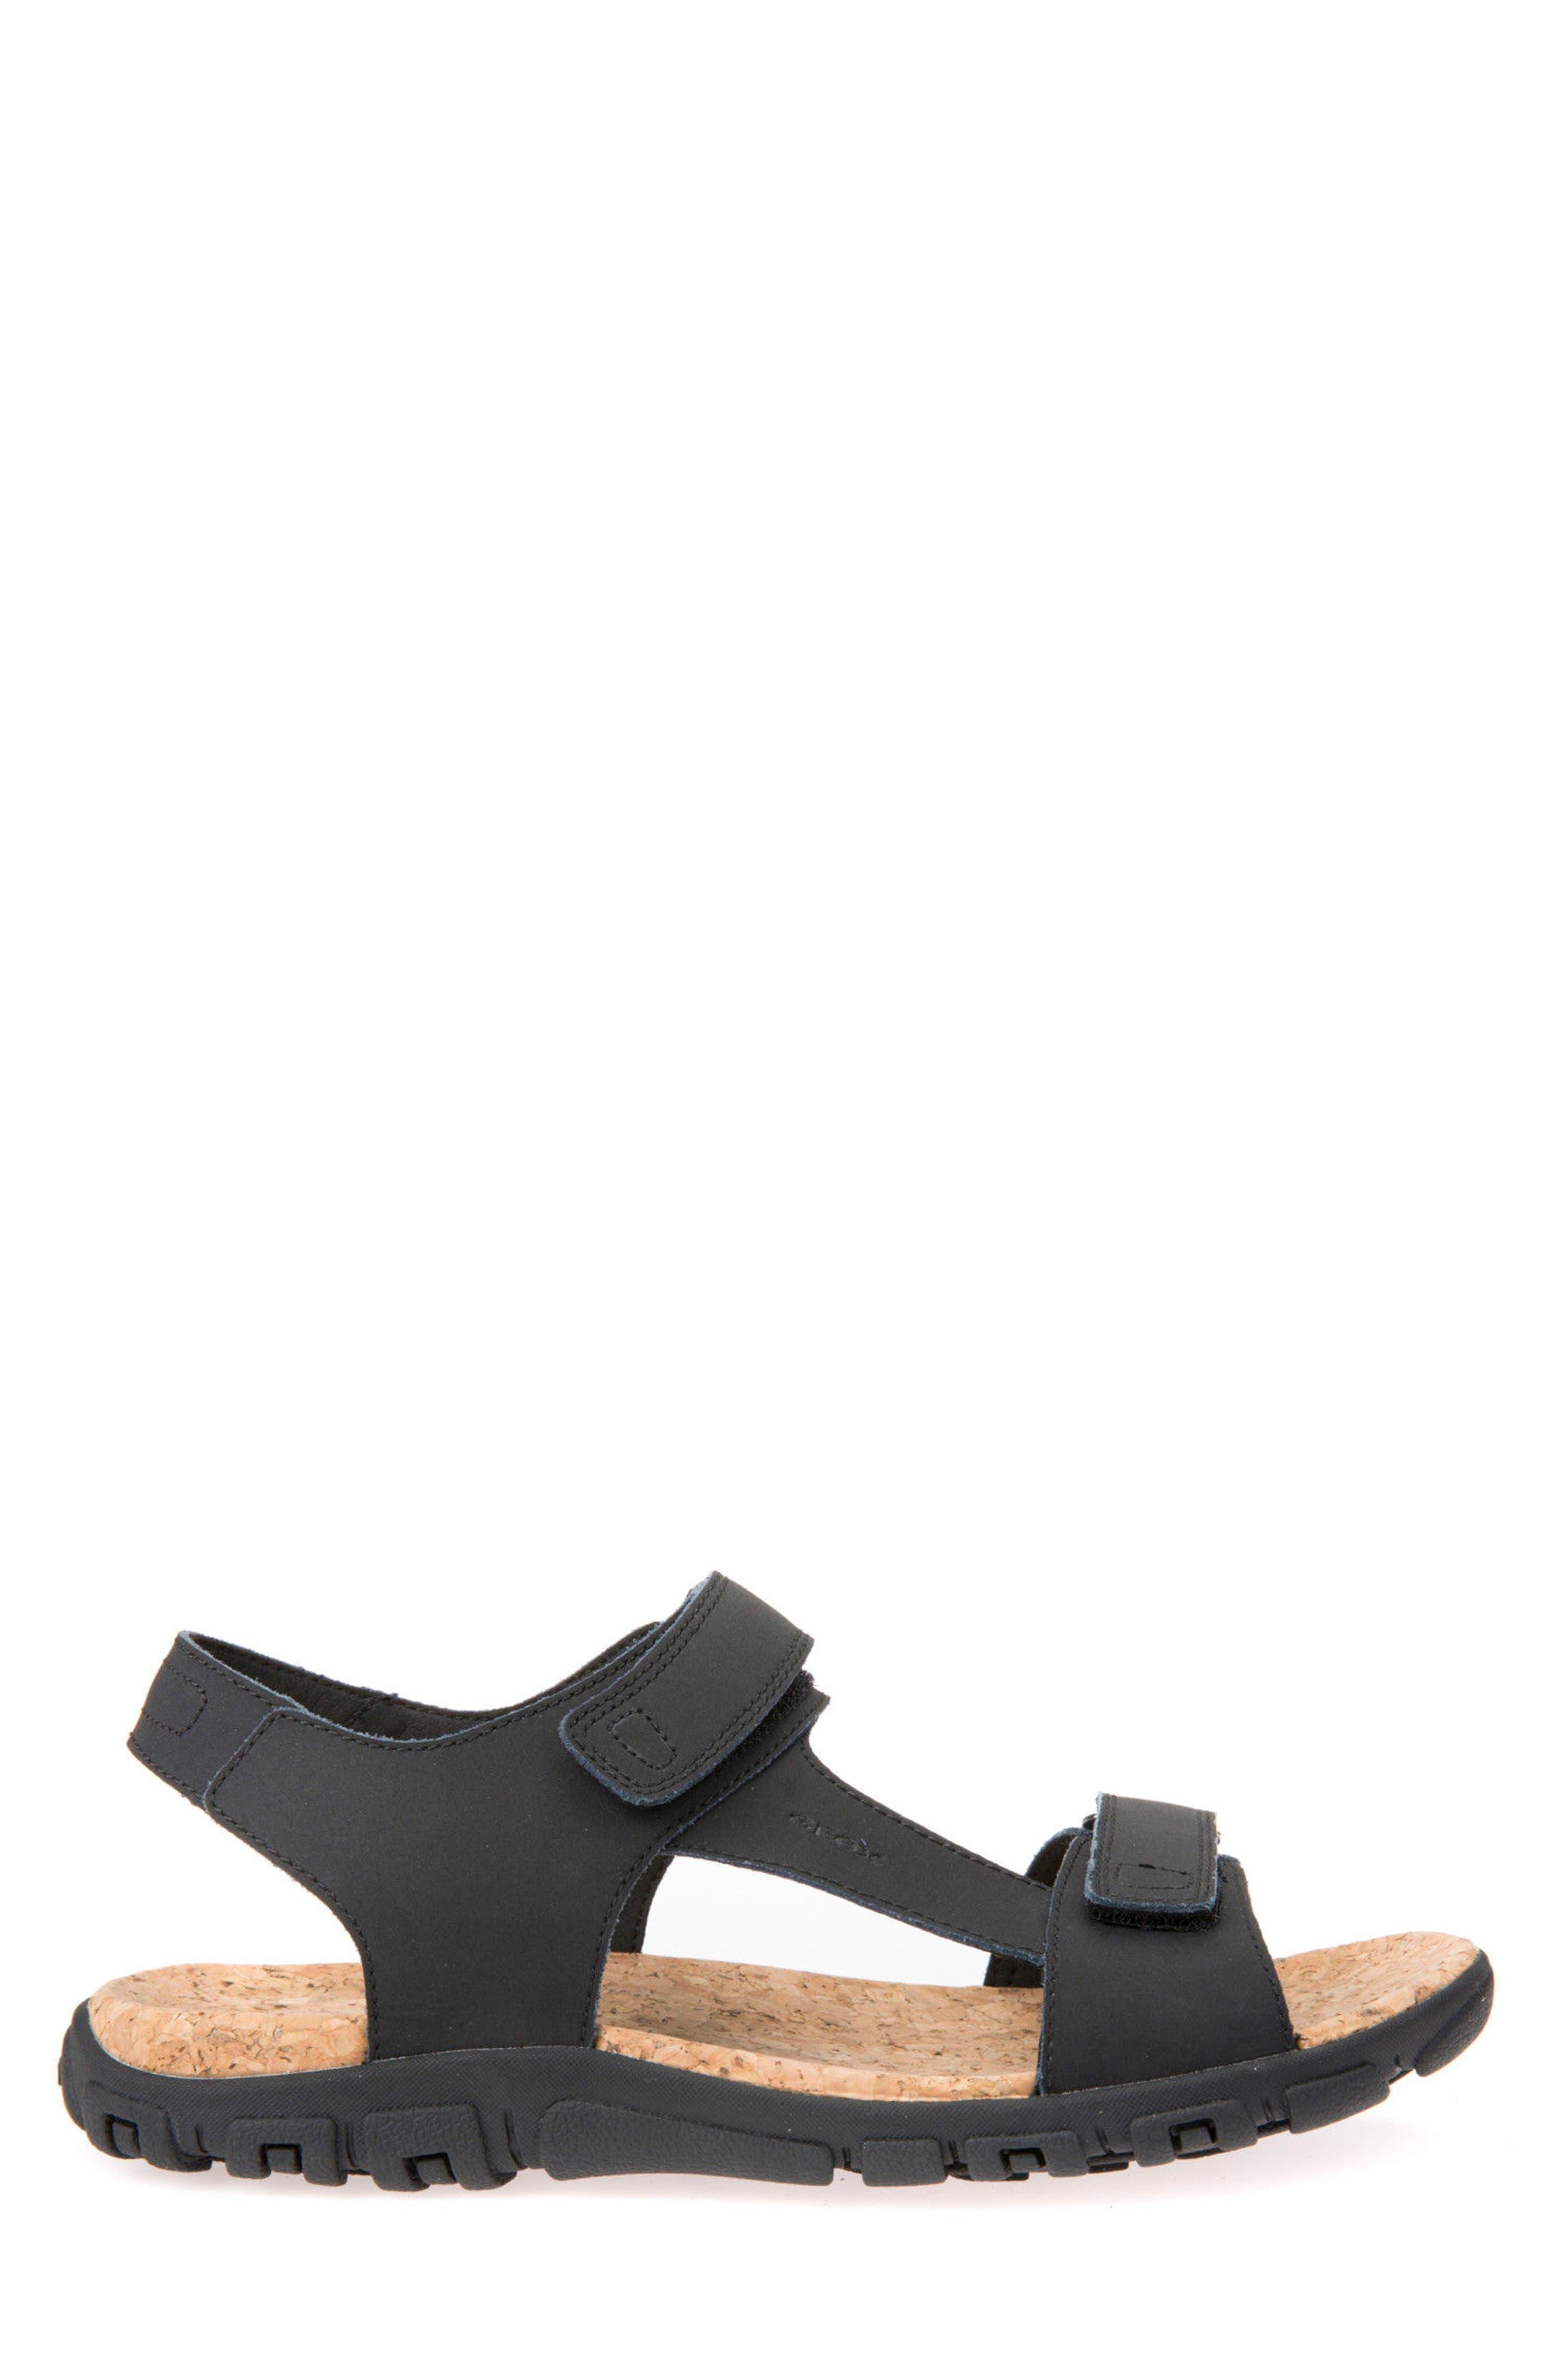 Strada 26 Sport Sandal,                             Alternate thumbnail 3, color,                             001